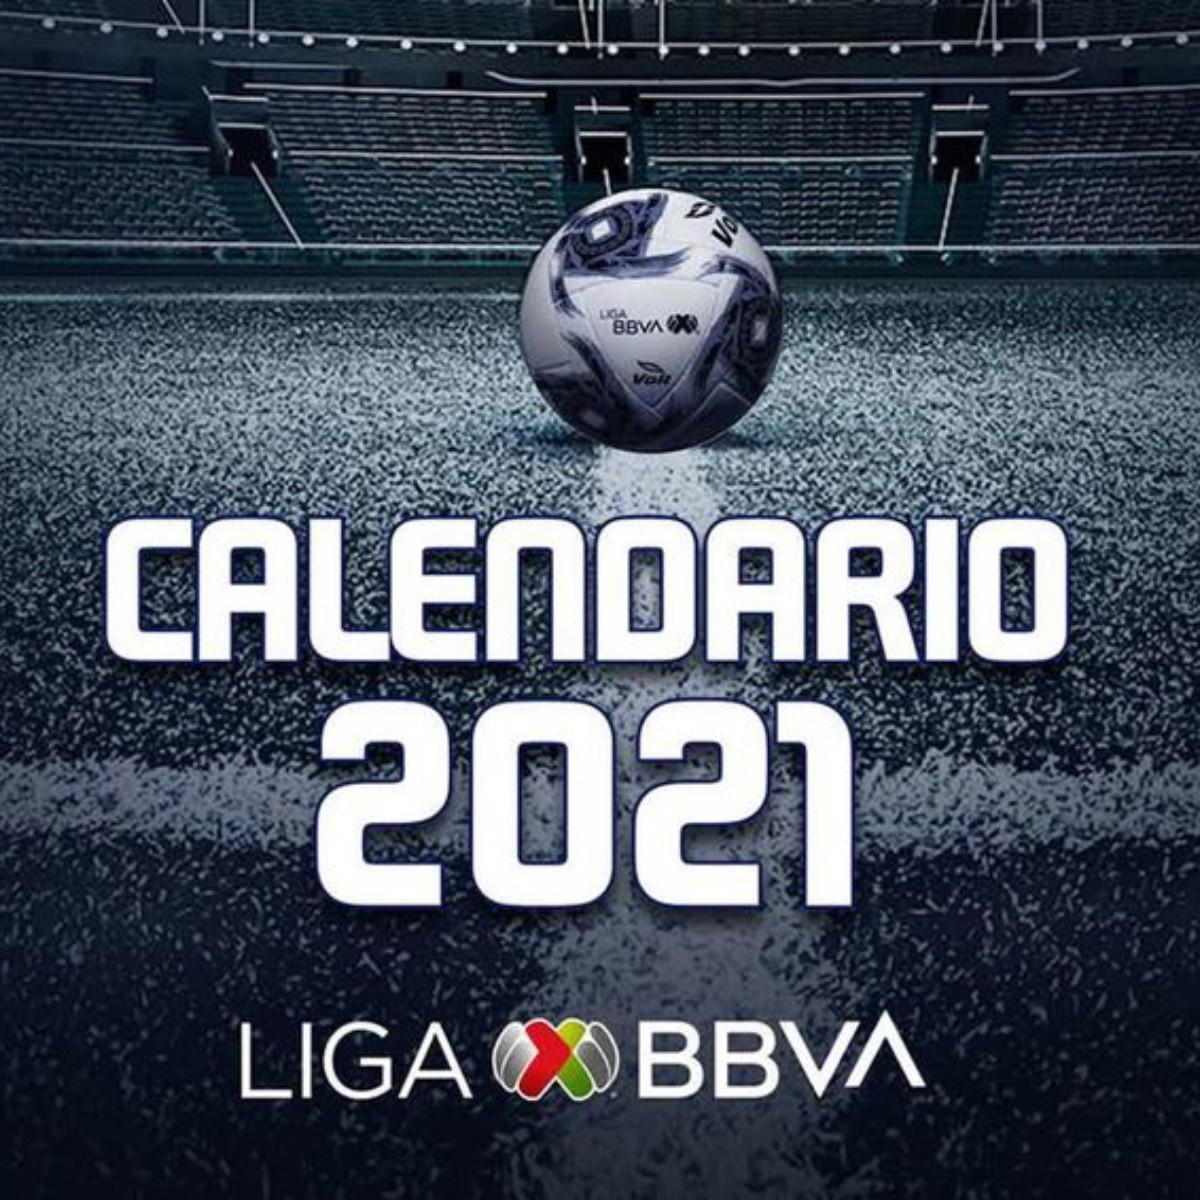 Guardianes 2021 Tiene Ya Su Calendario | La Verdad Noticias